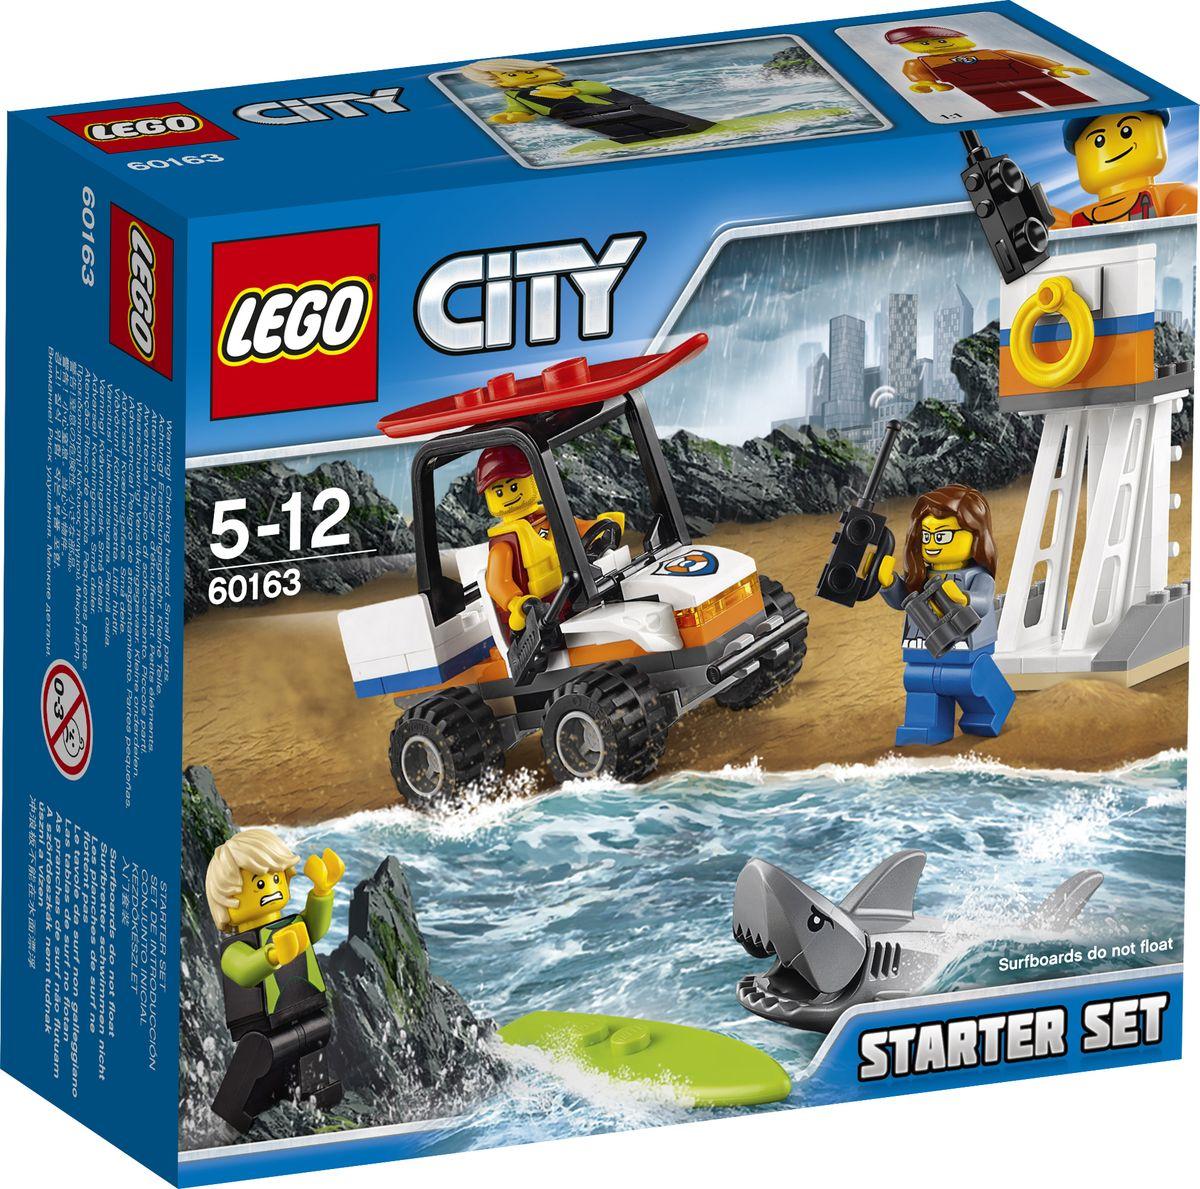 LEGO City Coast Guard Конструктор Набор для начинающих Береговая охрана 60163